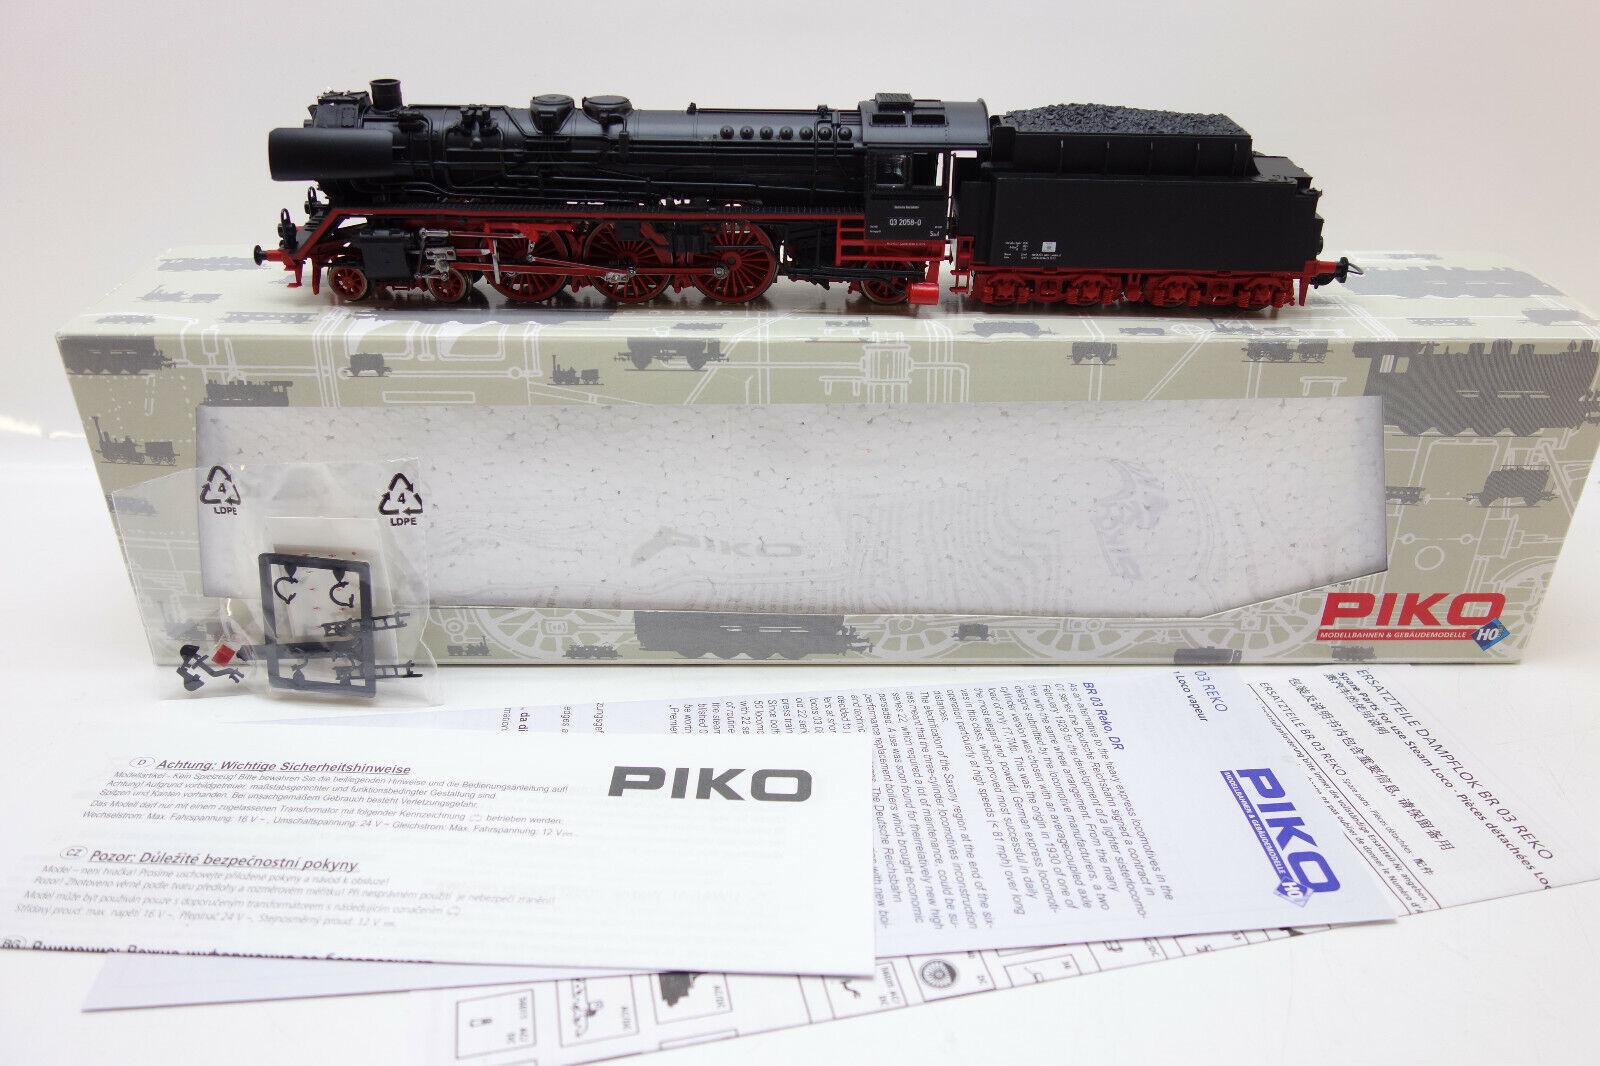 Lot 55775   Piko h0 50112 máquina de vapor br 03.0-2 de reko Dr listo en OVP